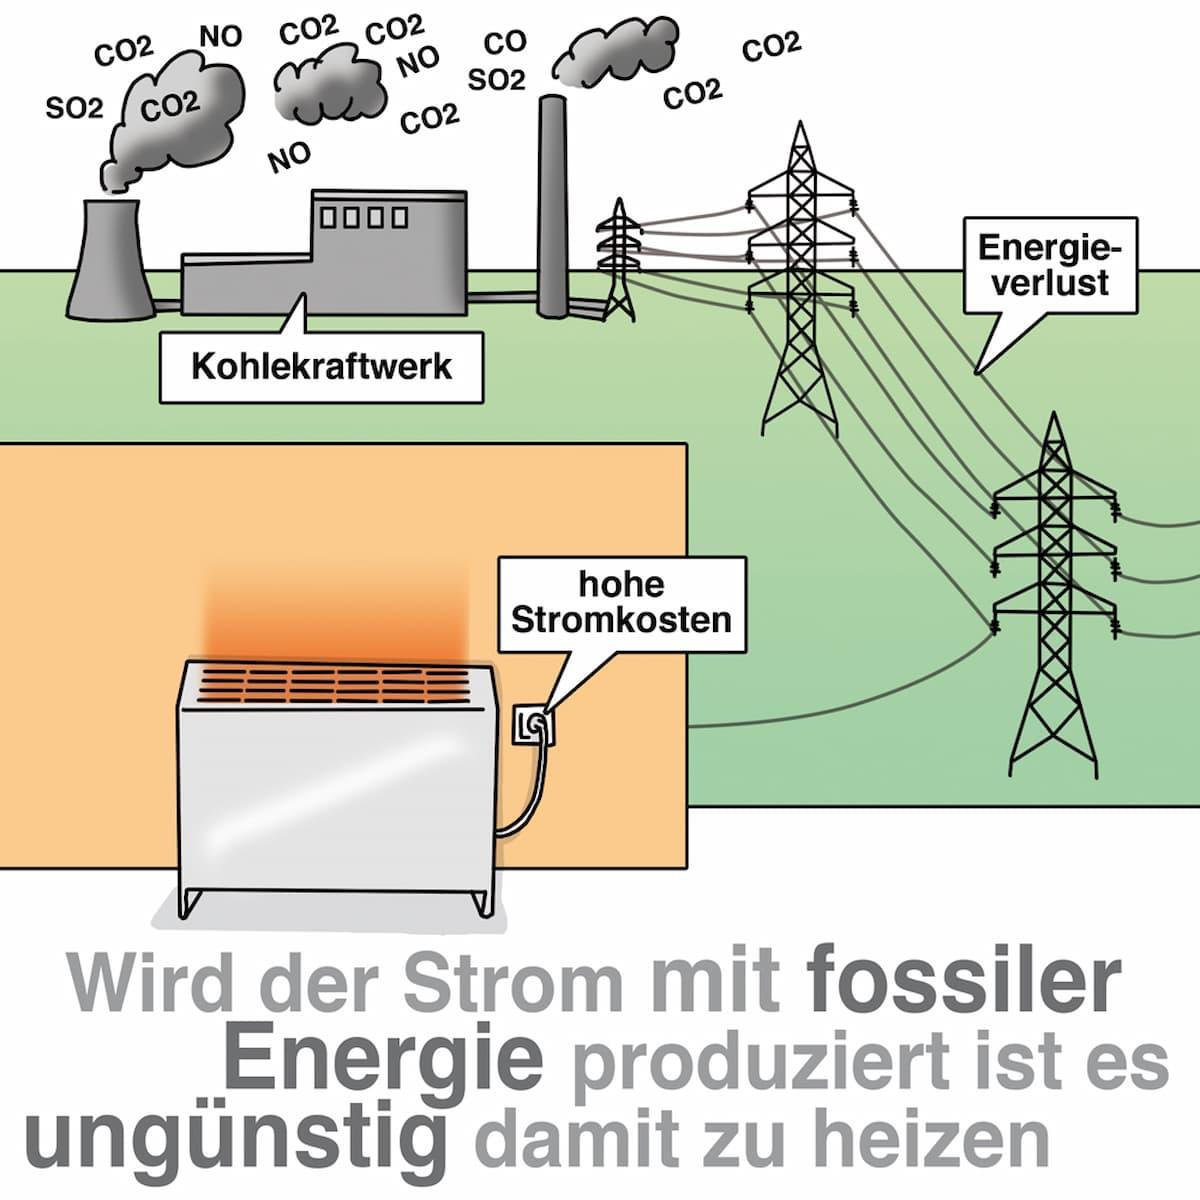 Wird der Strom aus fossiler Energie erzeugt ist es ungünstig damit zu heizen